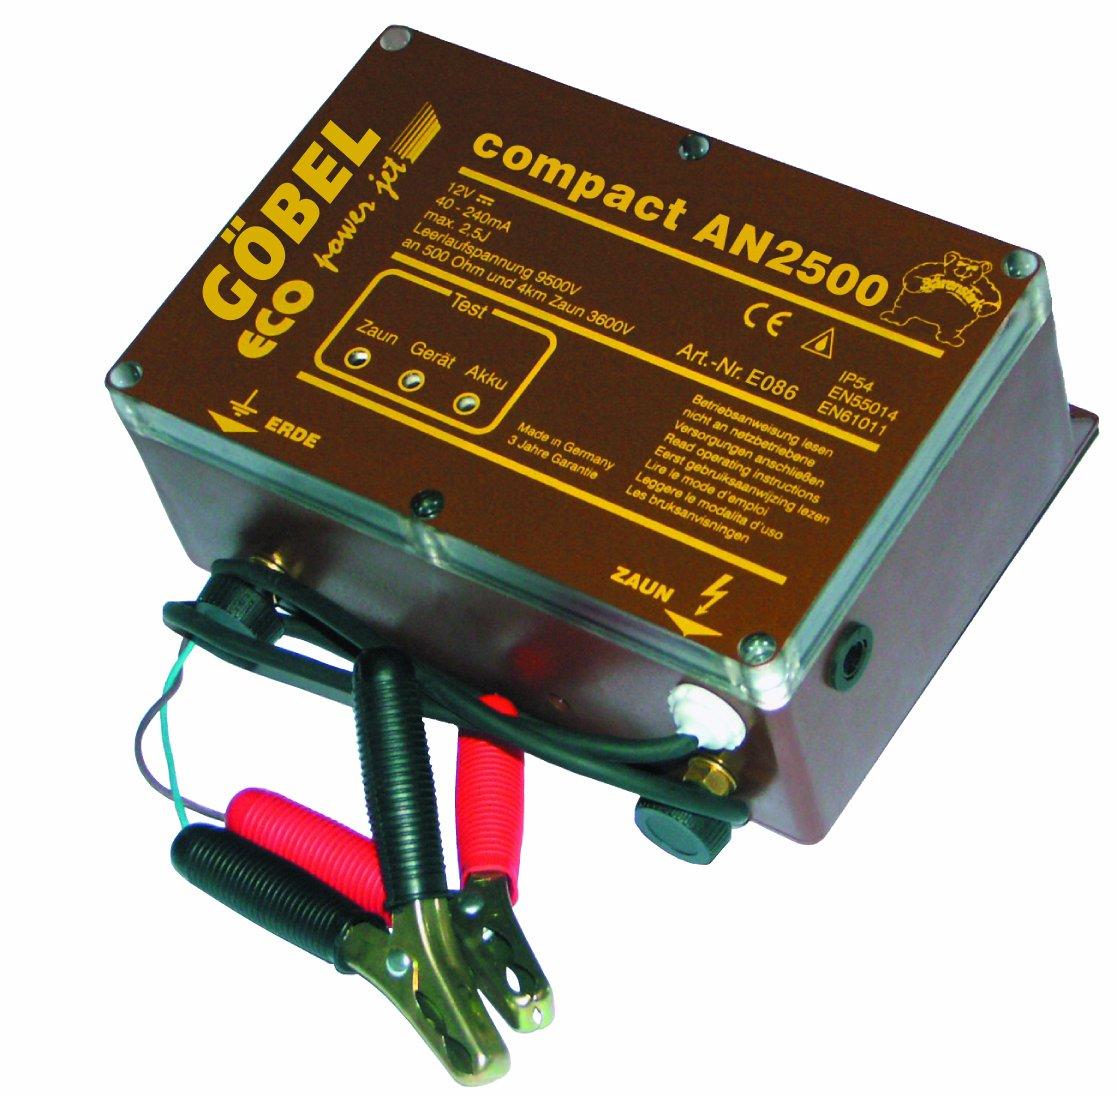 Göbel Weidezaungerät Kombigerät Compact AN 2500 bis 30km Zaunlänge 2,00J 12V 230V